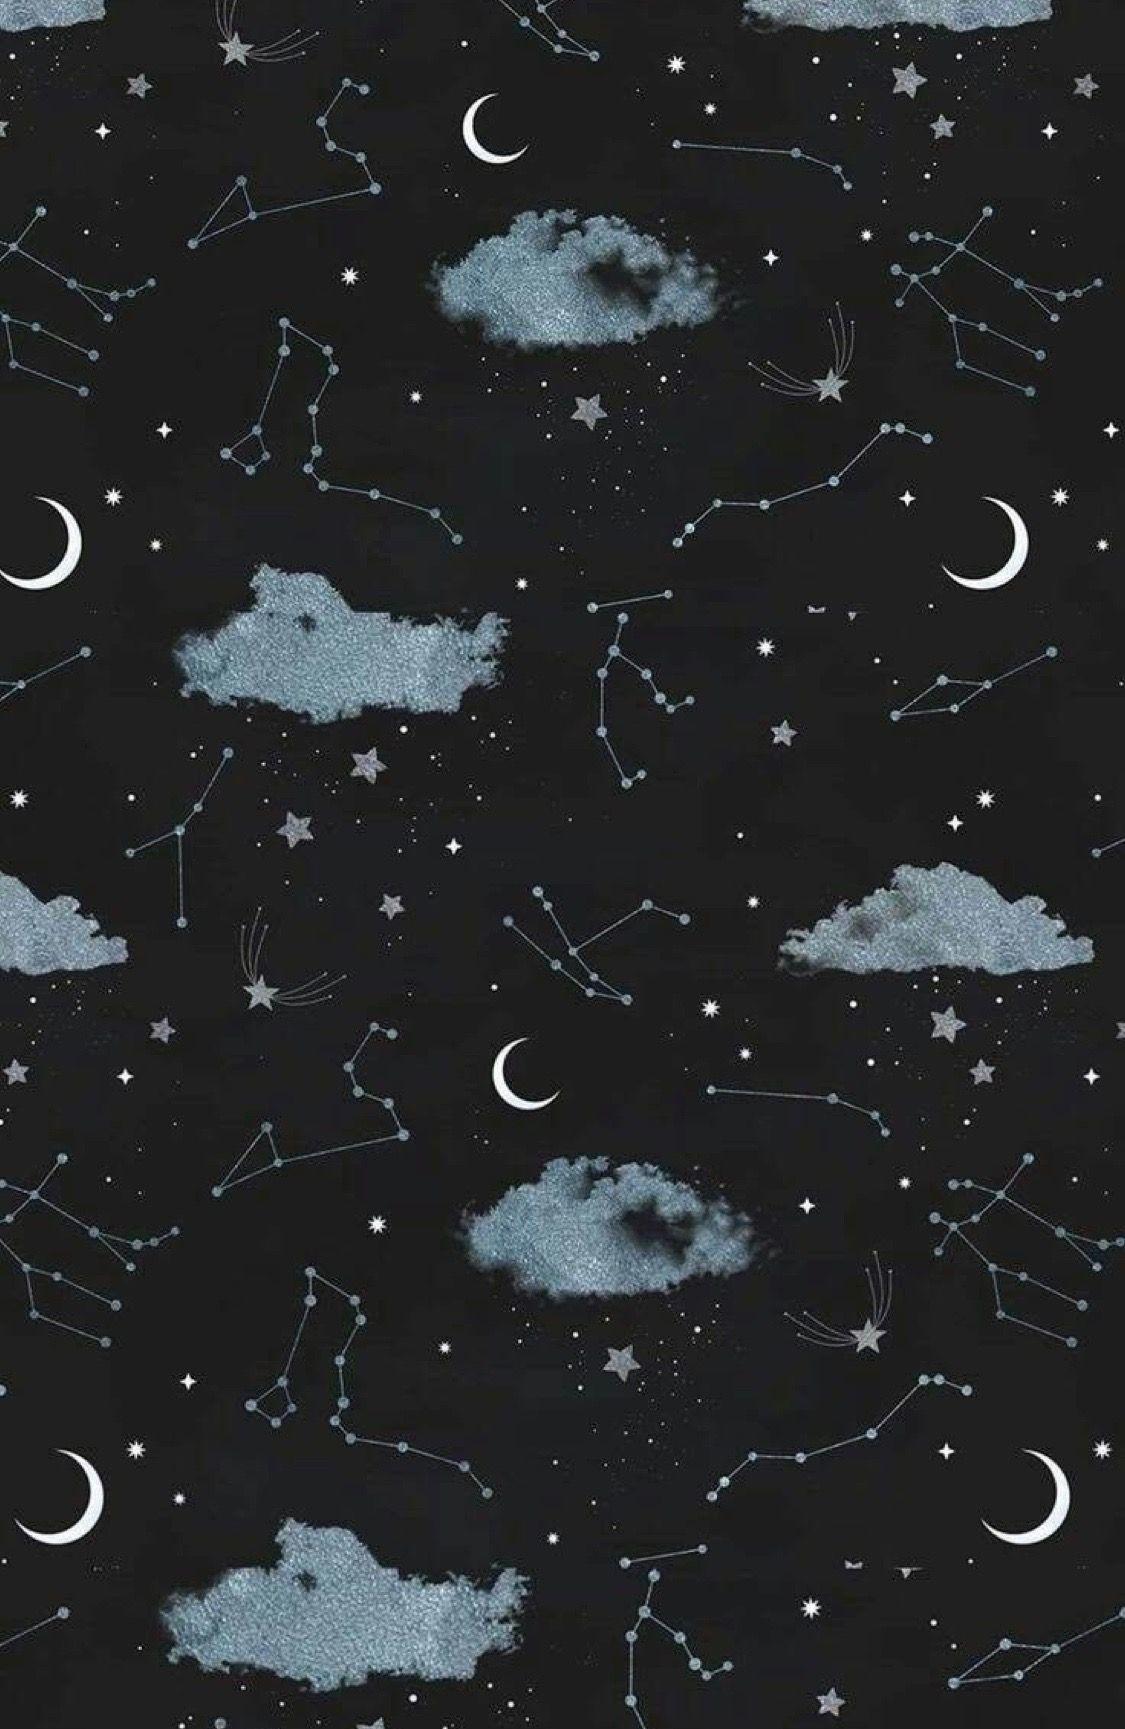 Pin oleh vaish di art | Lukisan galaksi, Wallpaper unicorn ...